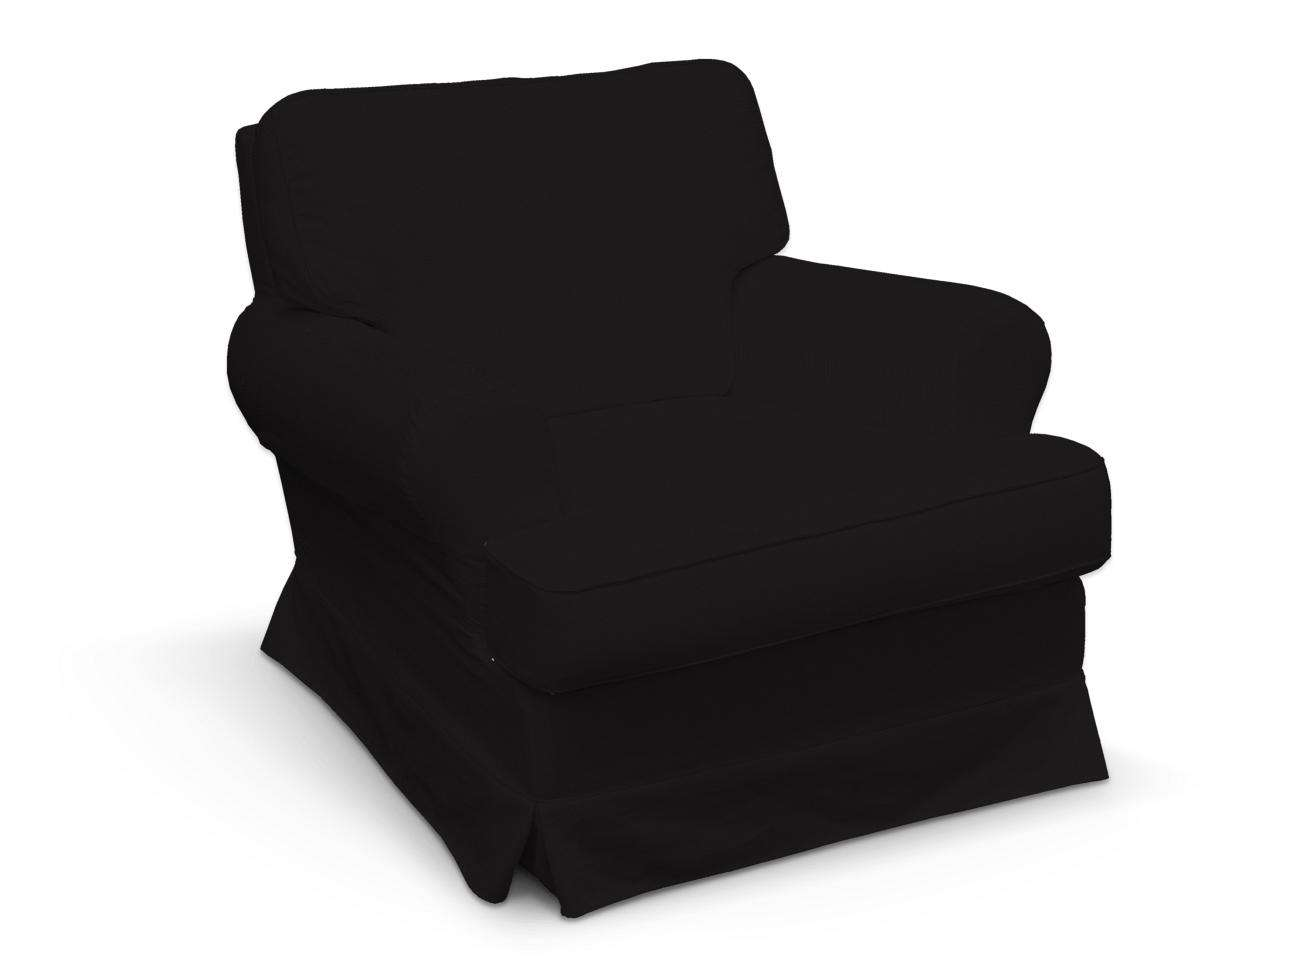 Barkaby fotelio užvalkalas Barkaby fotelio užvalkalas kolekcijoje Cotton Panama, audinys: 702-09